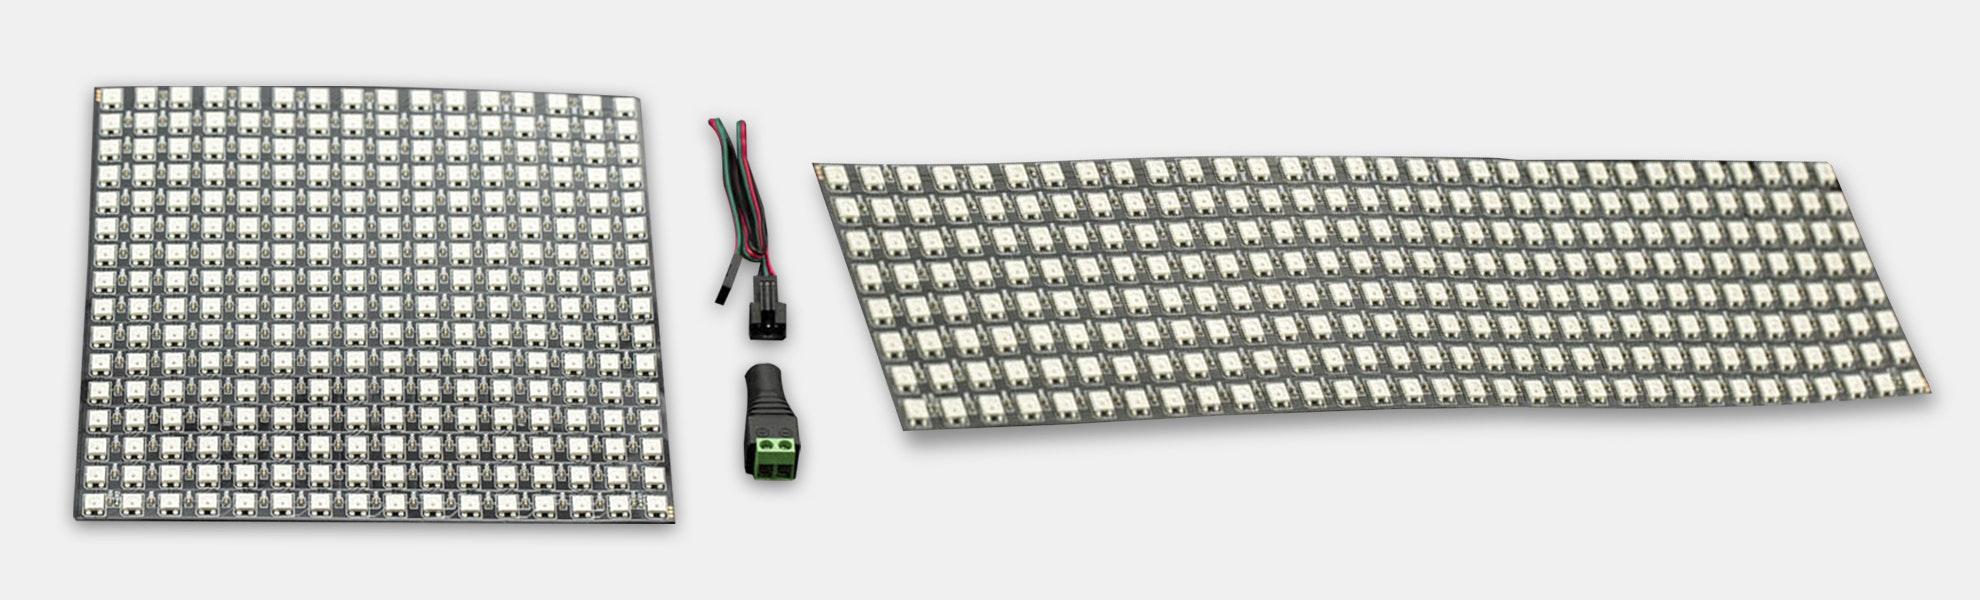 DFRobot Gravity Flexible RGB LED Matrix Panels